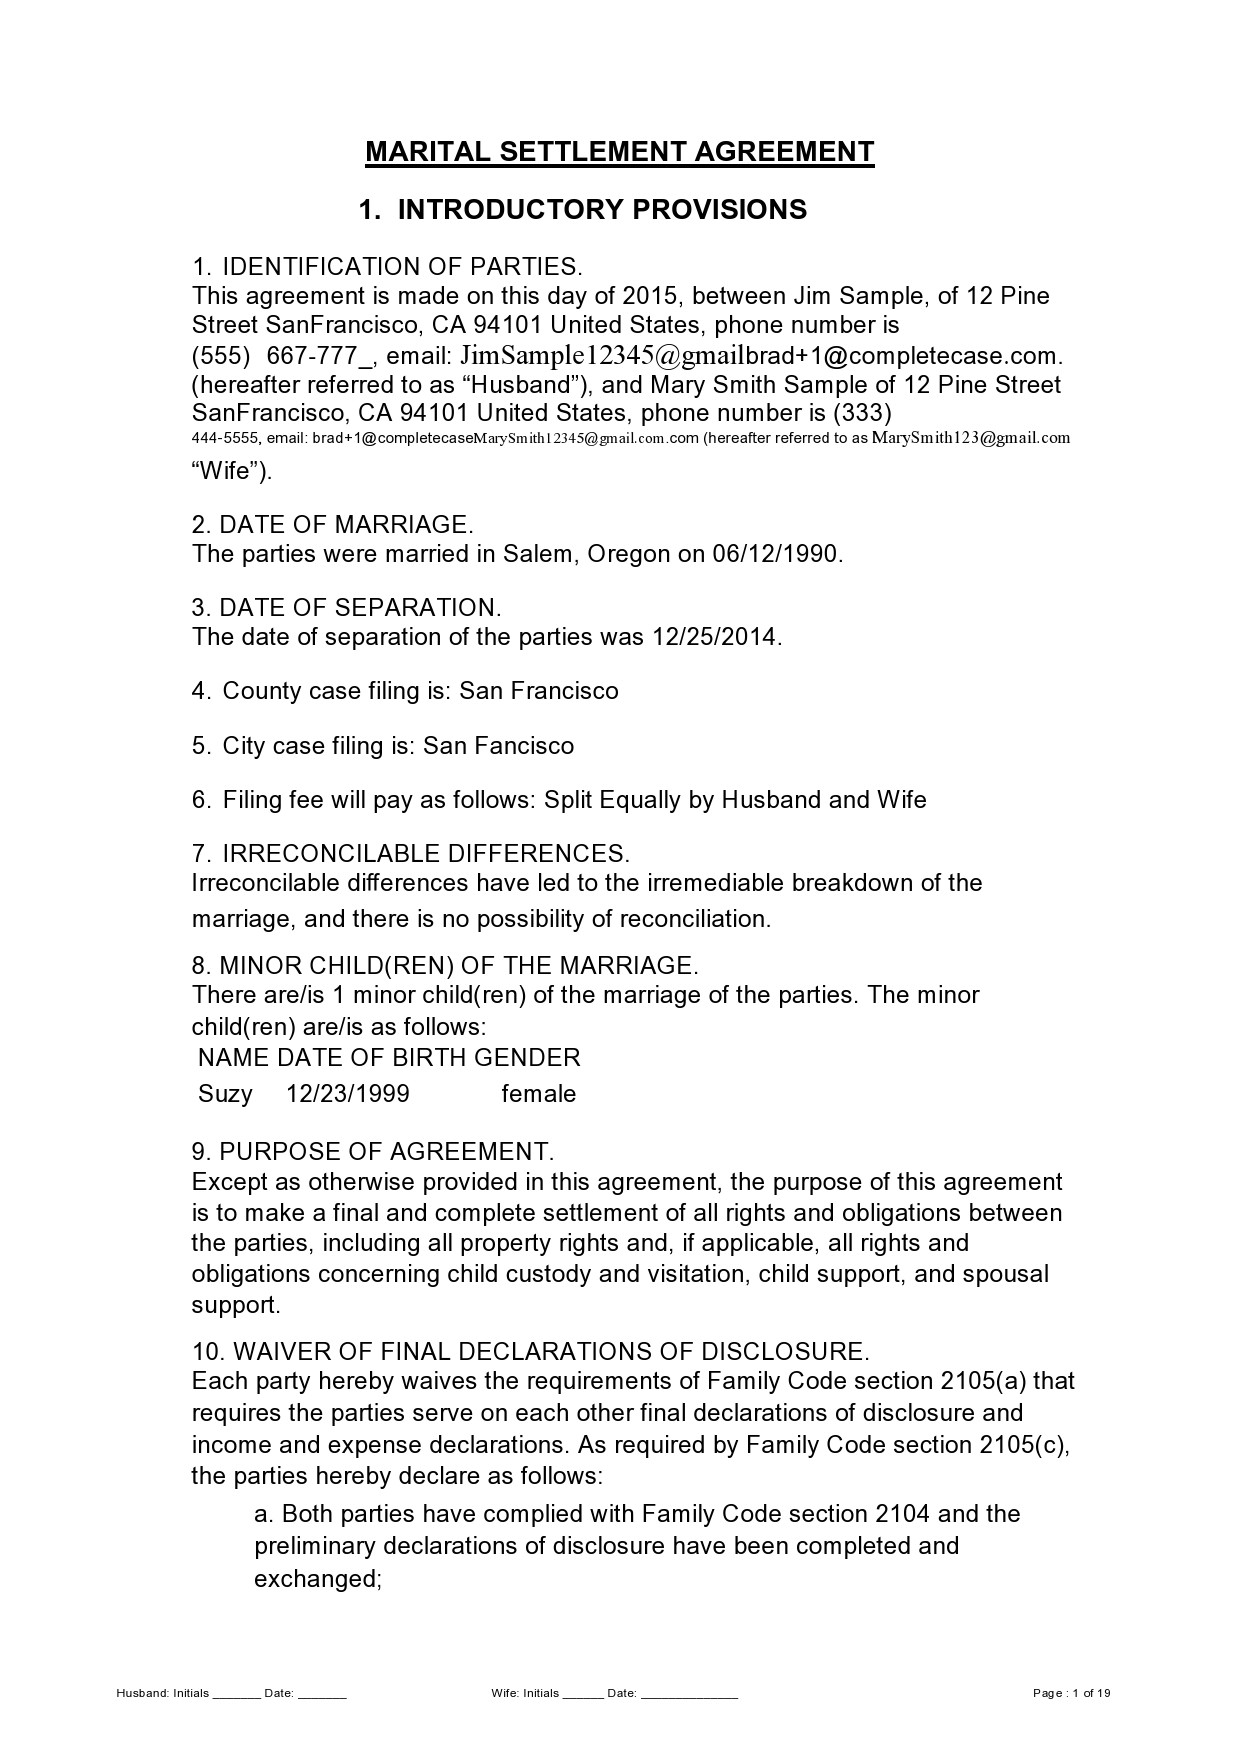 Free marital settlement agreement 08